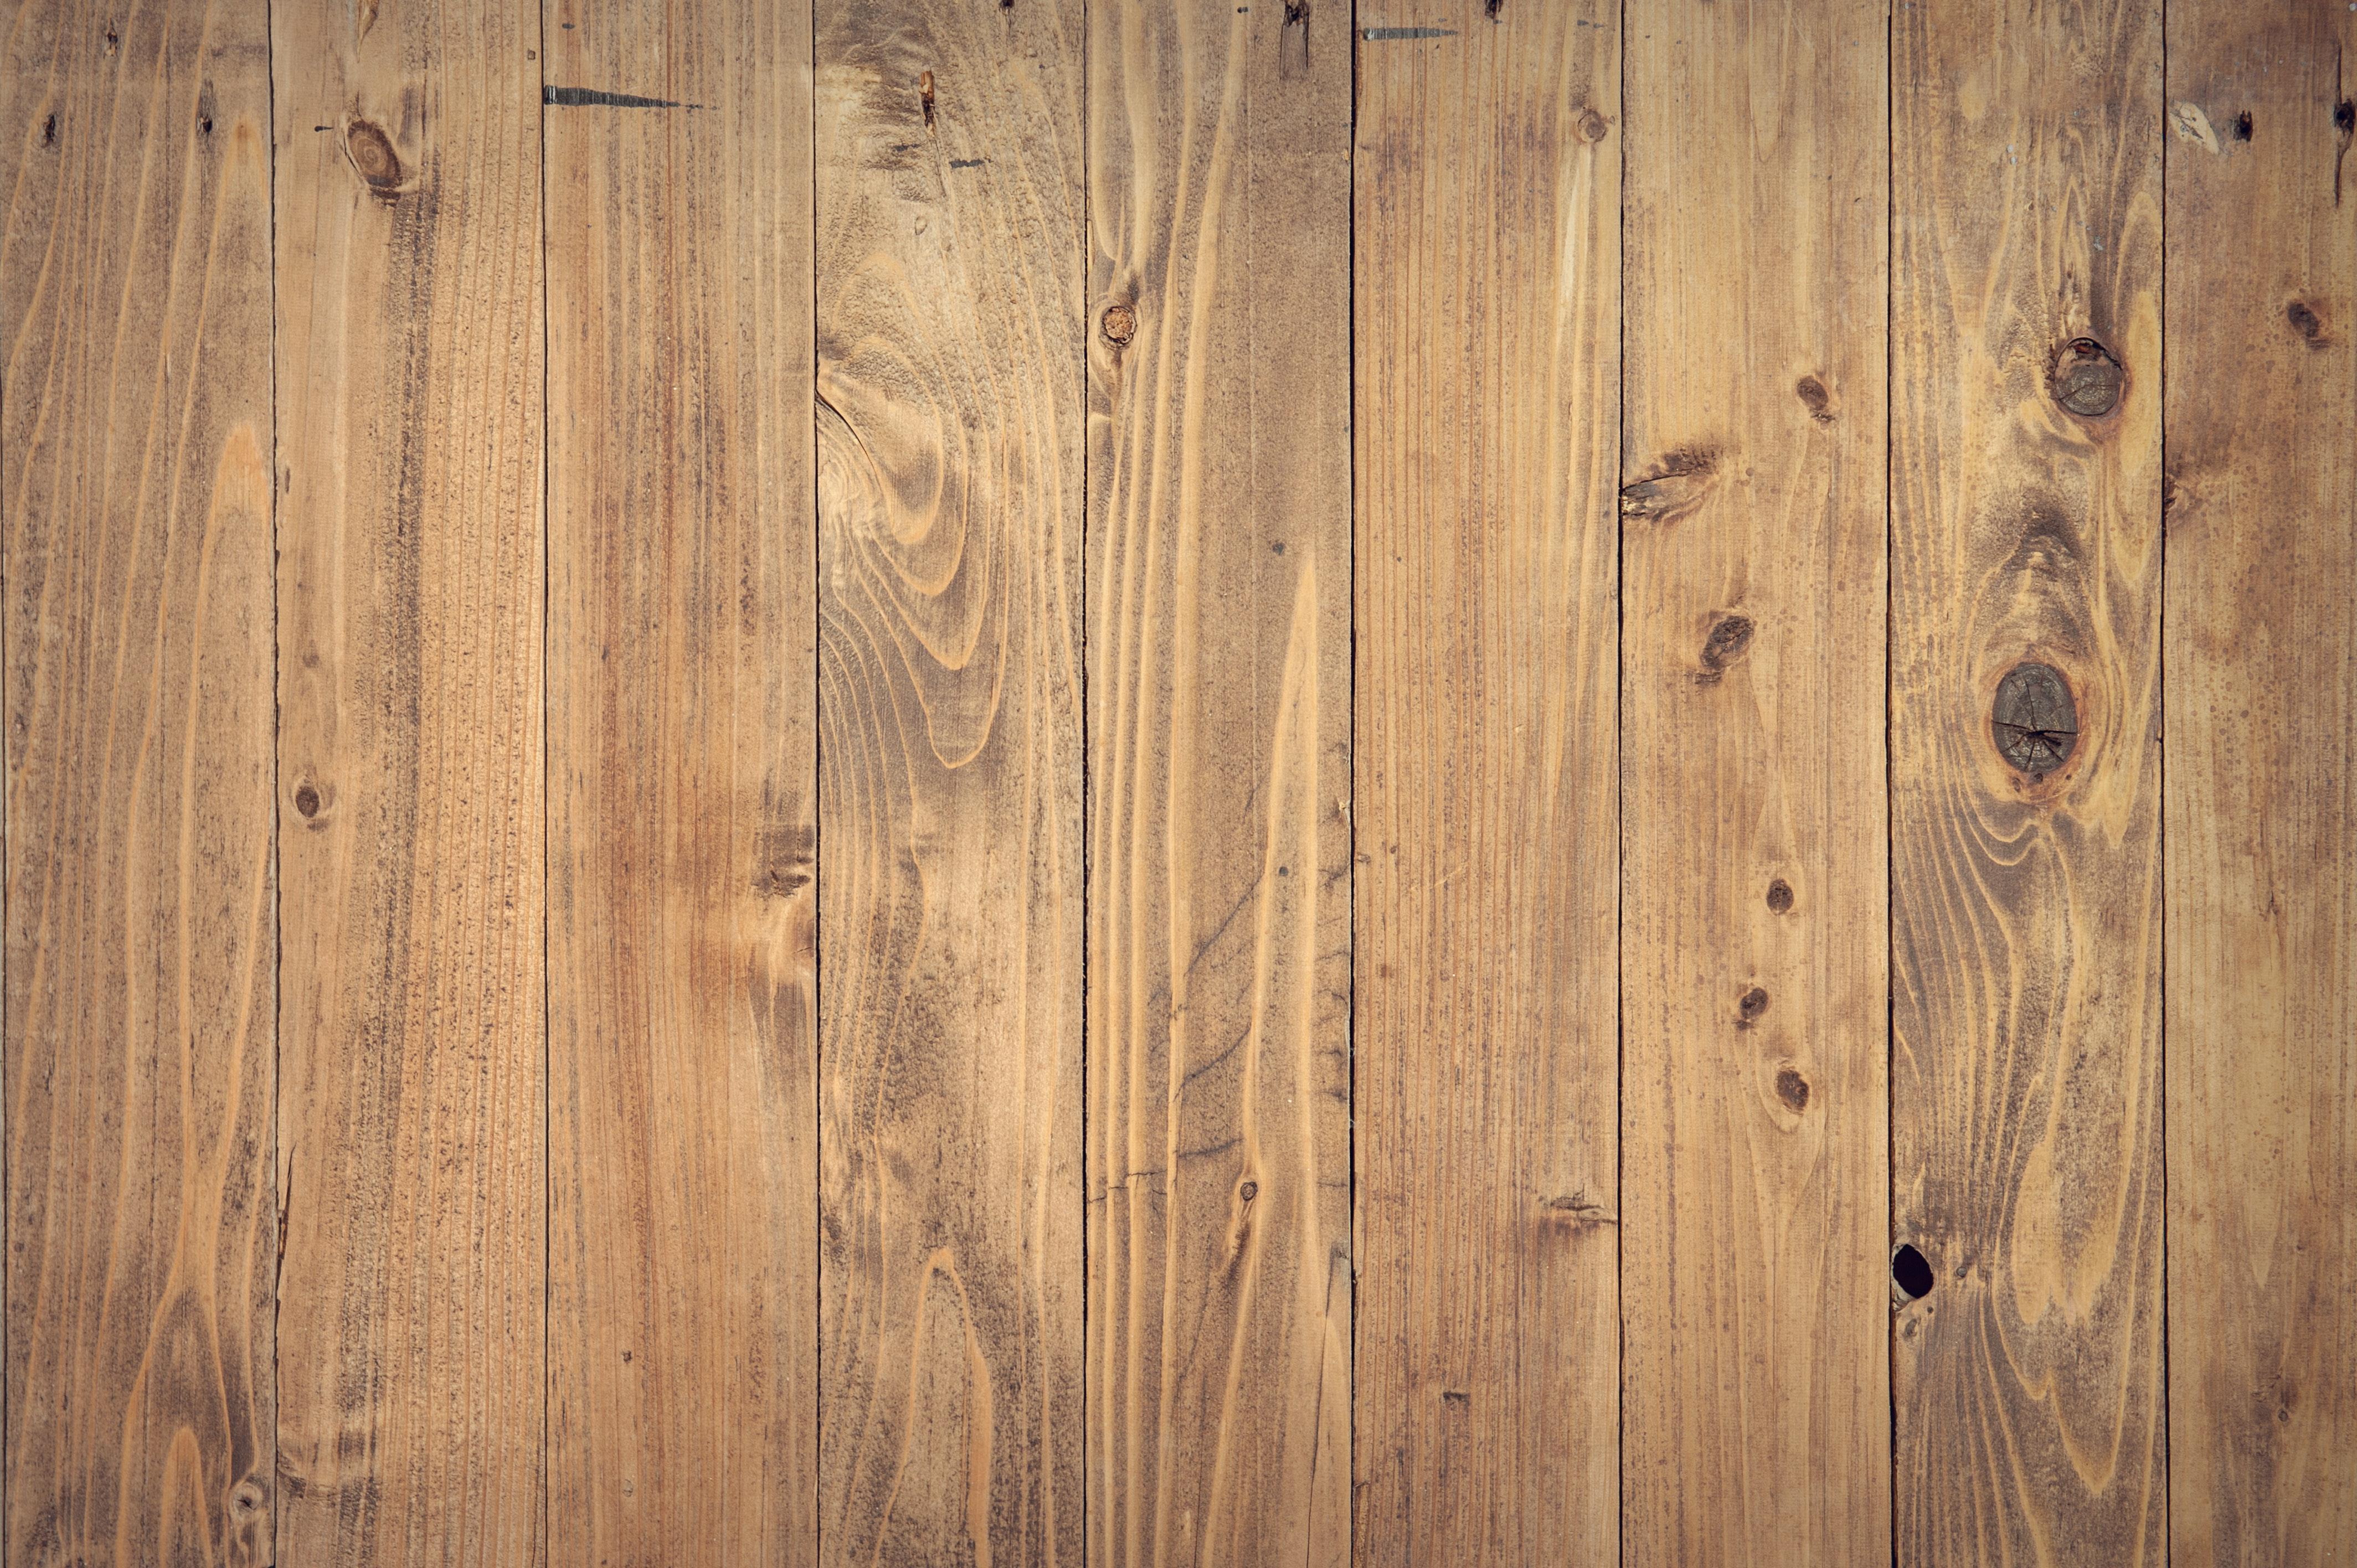 Spiksplinternieuw Kun je vloerverwarming onder een houten vloer installeren? | DIK.NL GF-74